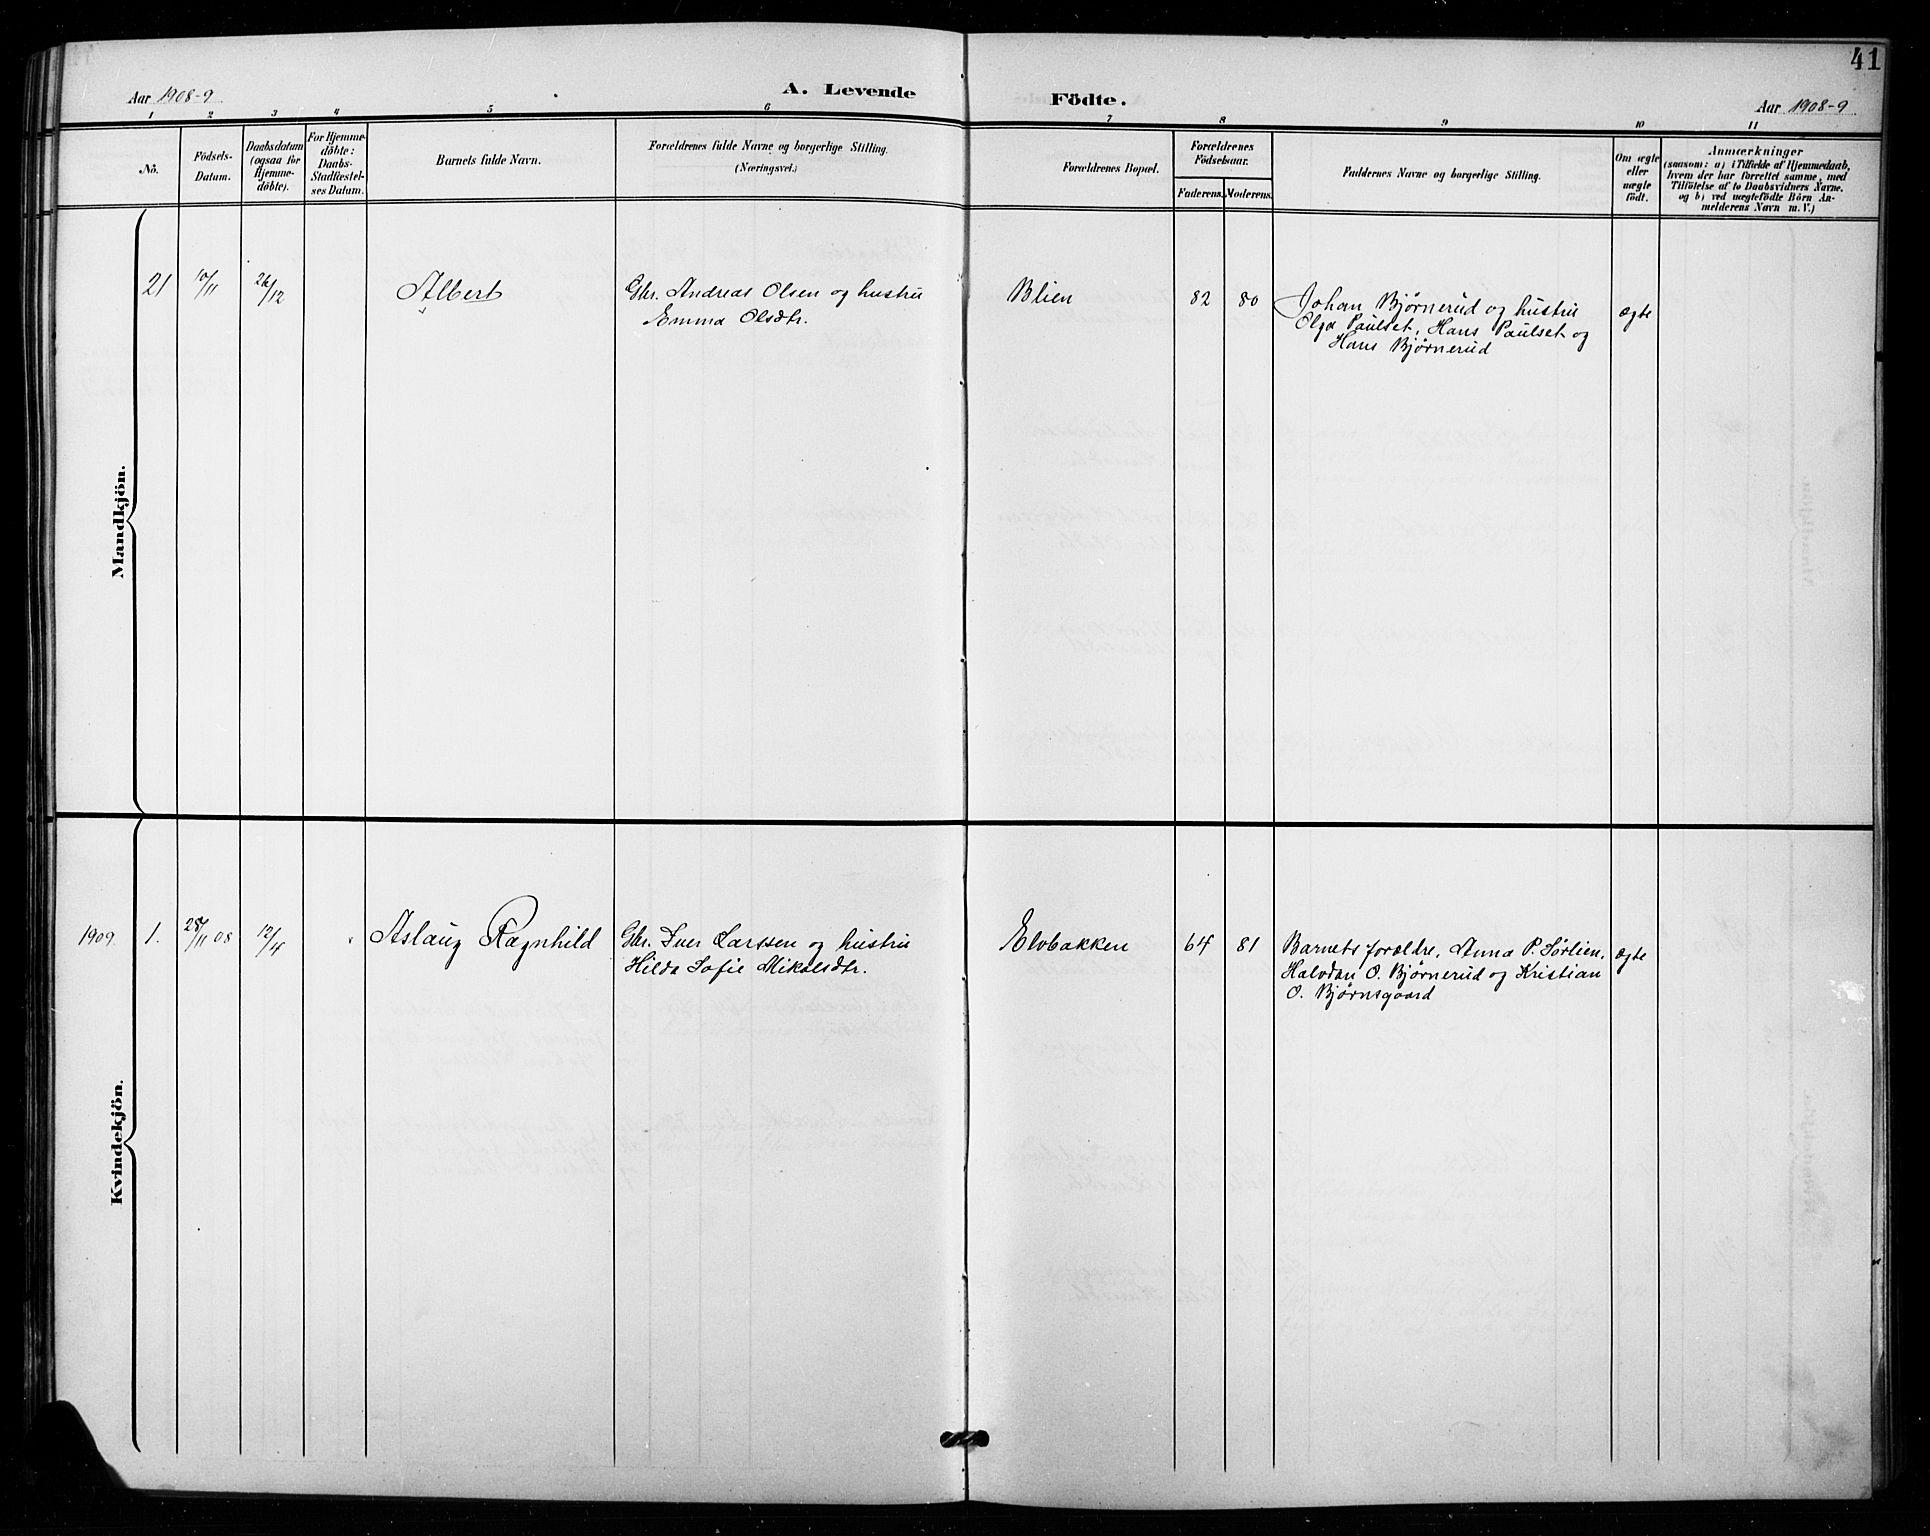 SAH, Vestre Toten prestekontor, H/Ha/Hab/L0016: Klokkerbok nr. 16, 1901-1915, s. 41